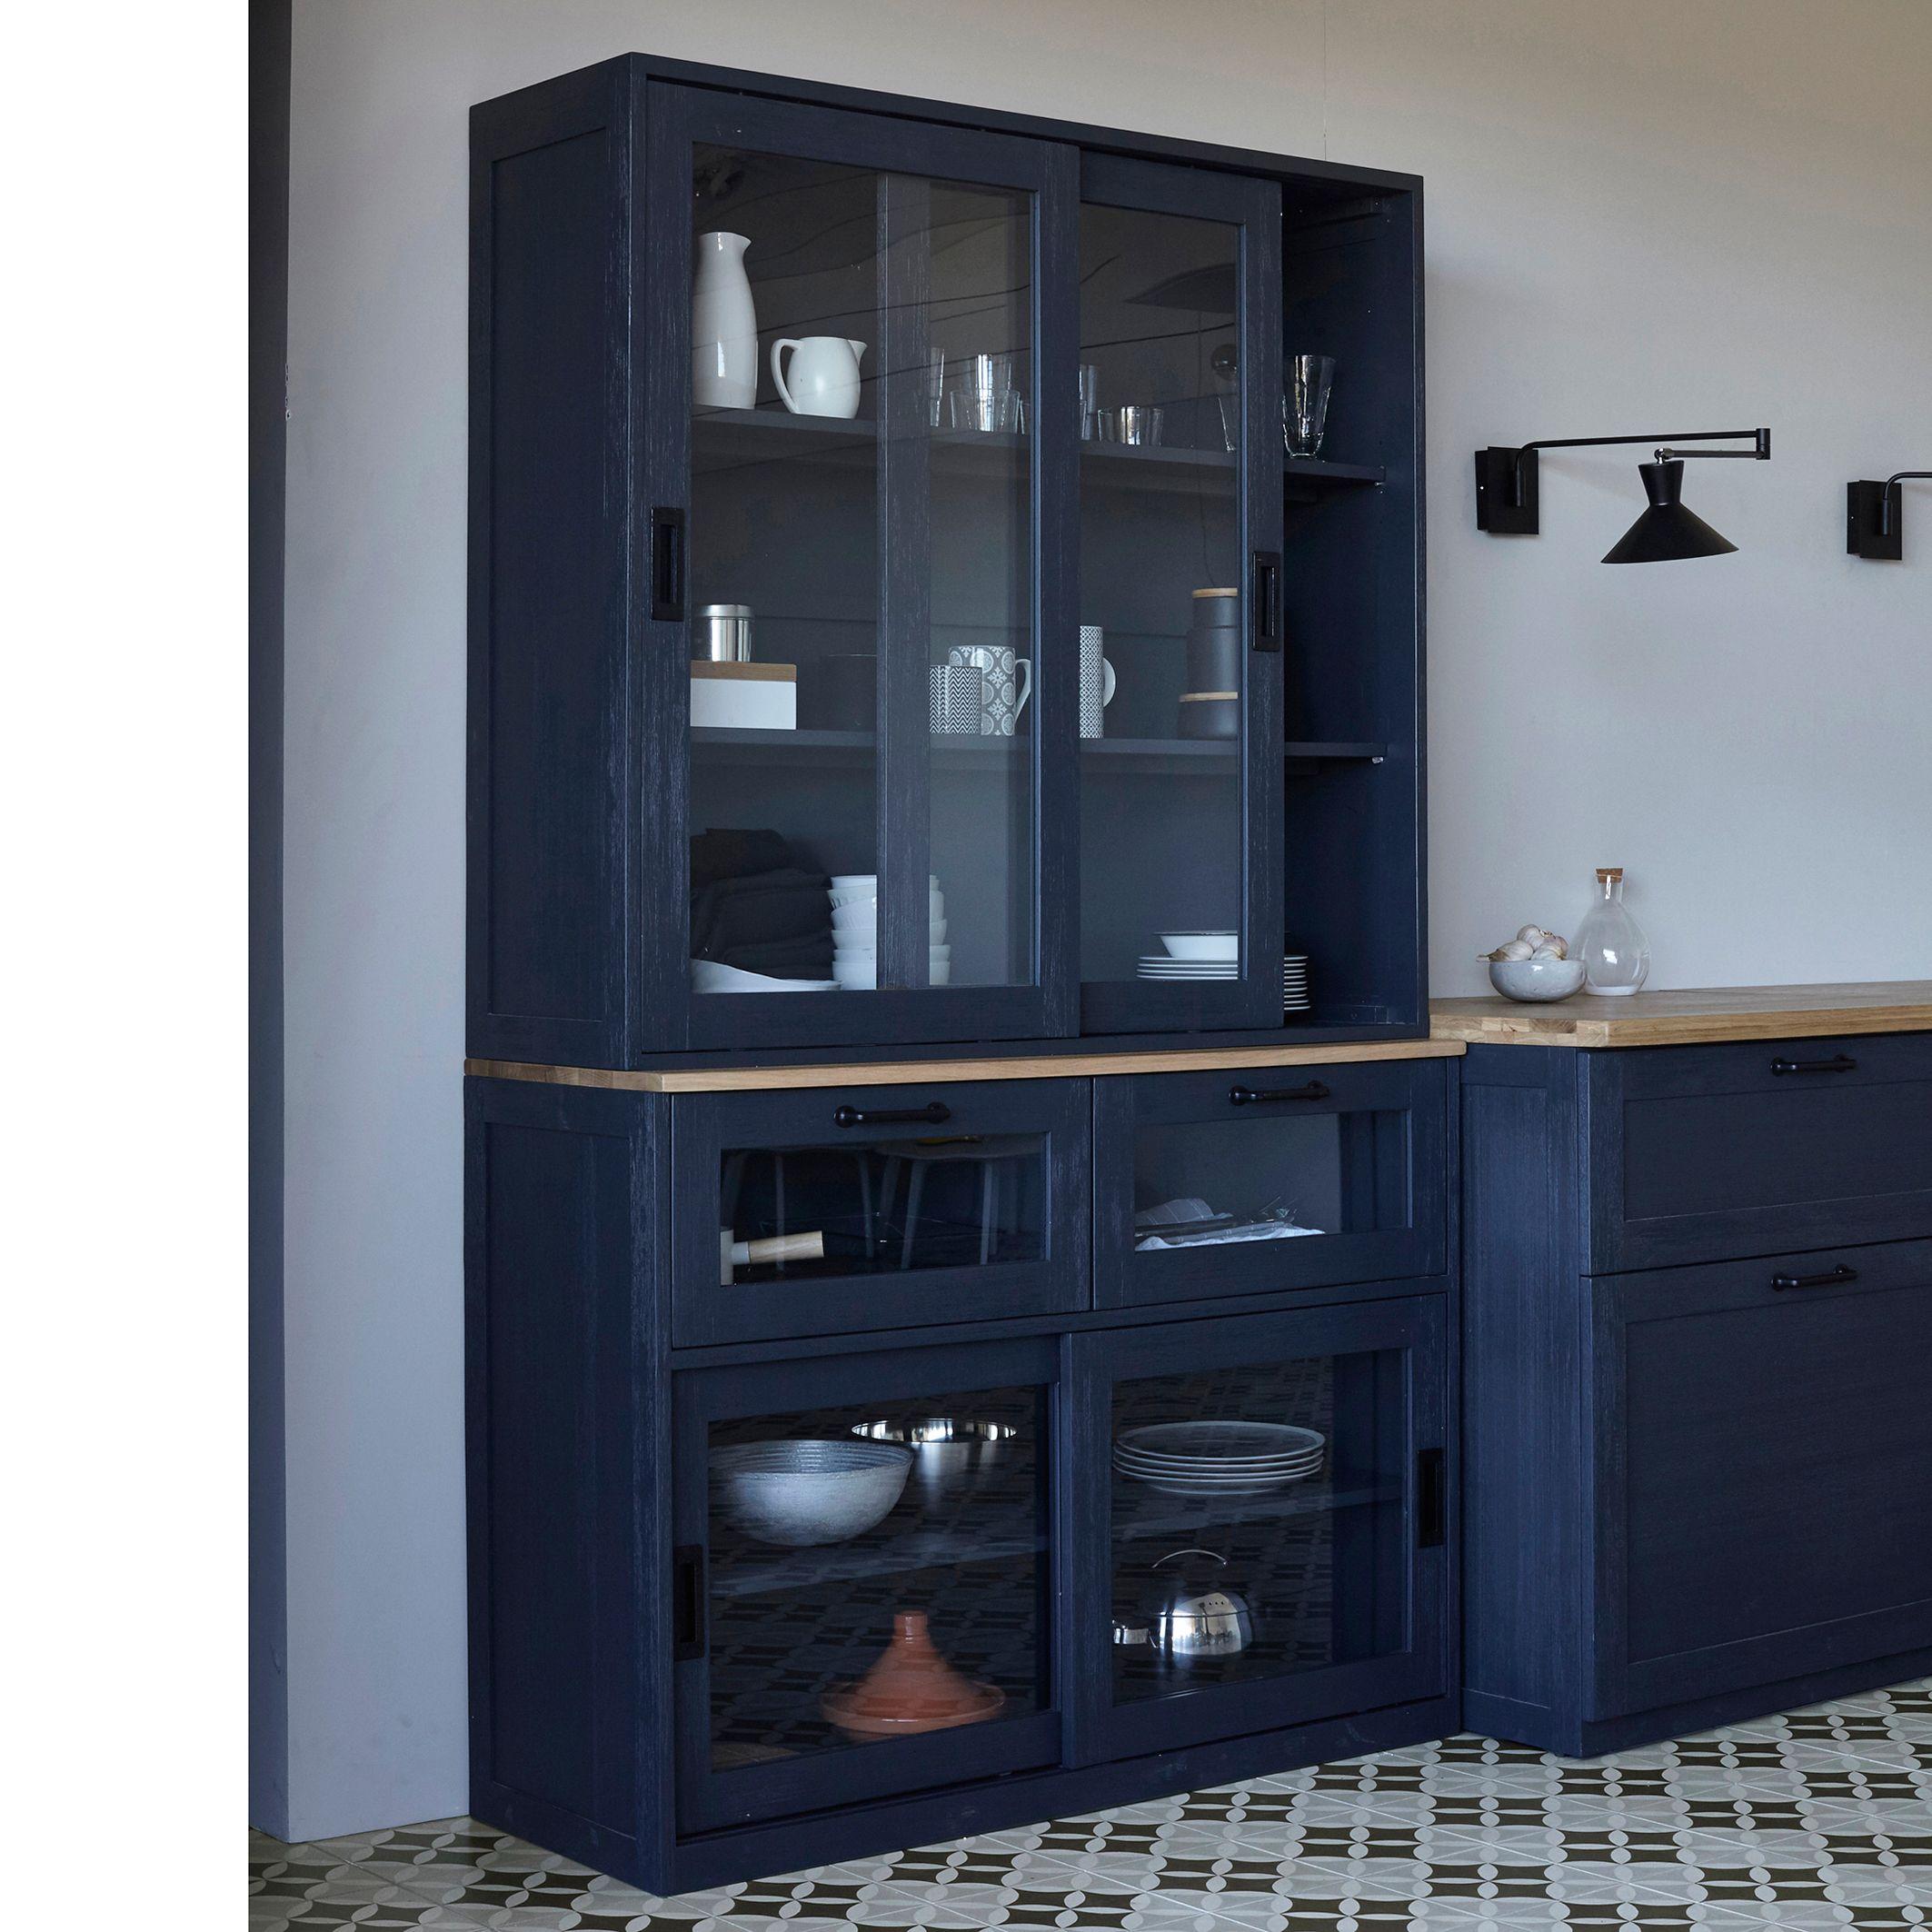 Vaisselier meuble haut galdor am pm prix promo vaisselier la redoute meubles pas cher - Ampm meuble tv ...